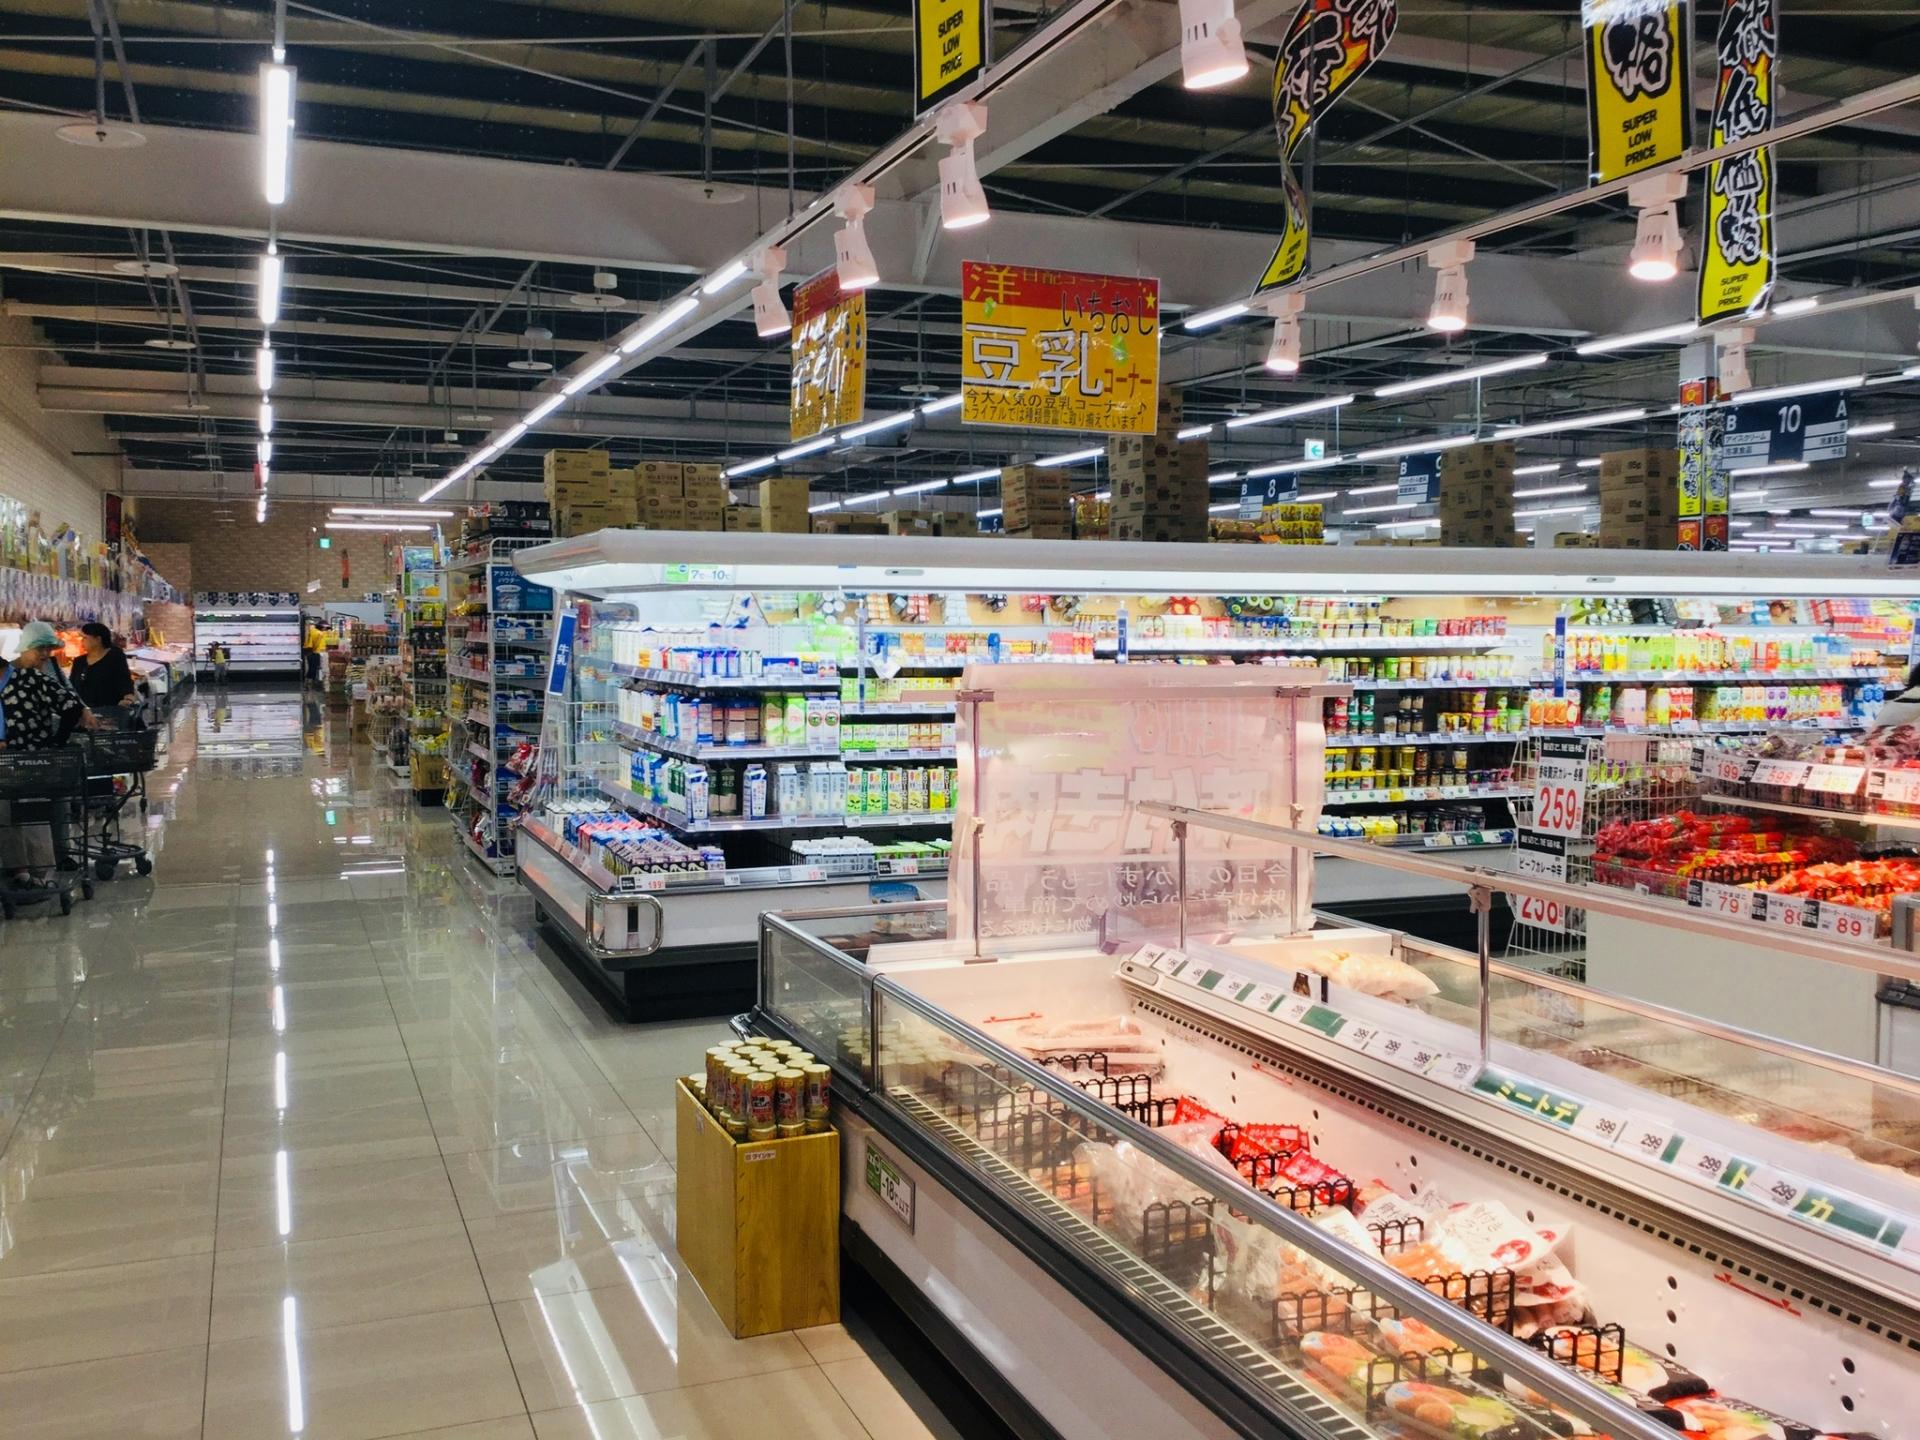 スーパーマーケットでワインを買おう!